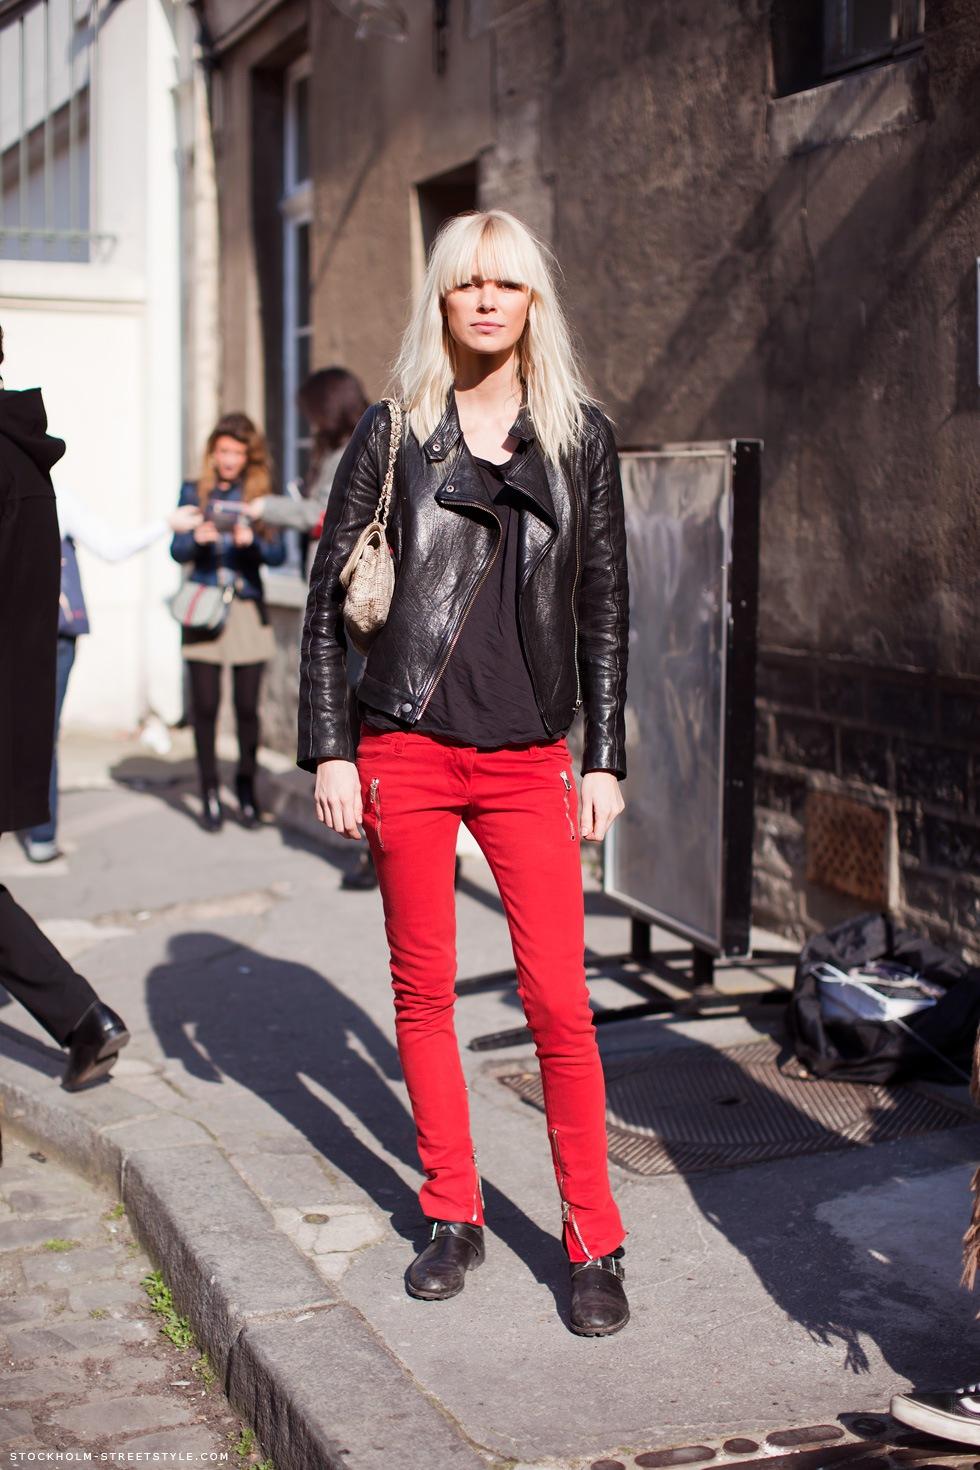 Сочетание красного с черным. Довольно сложным кажется сочетание, когда красным является низ – брюки или юбка.